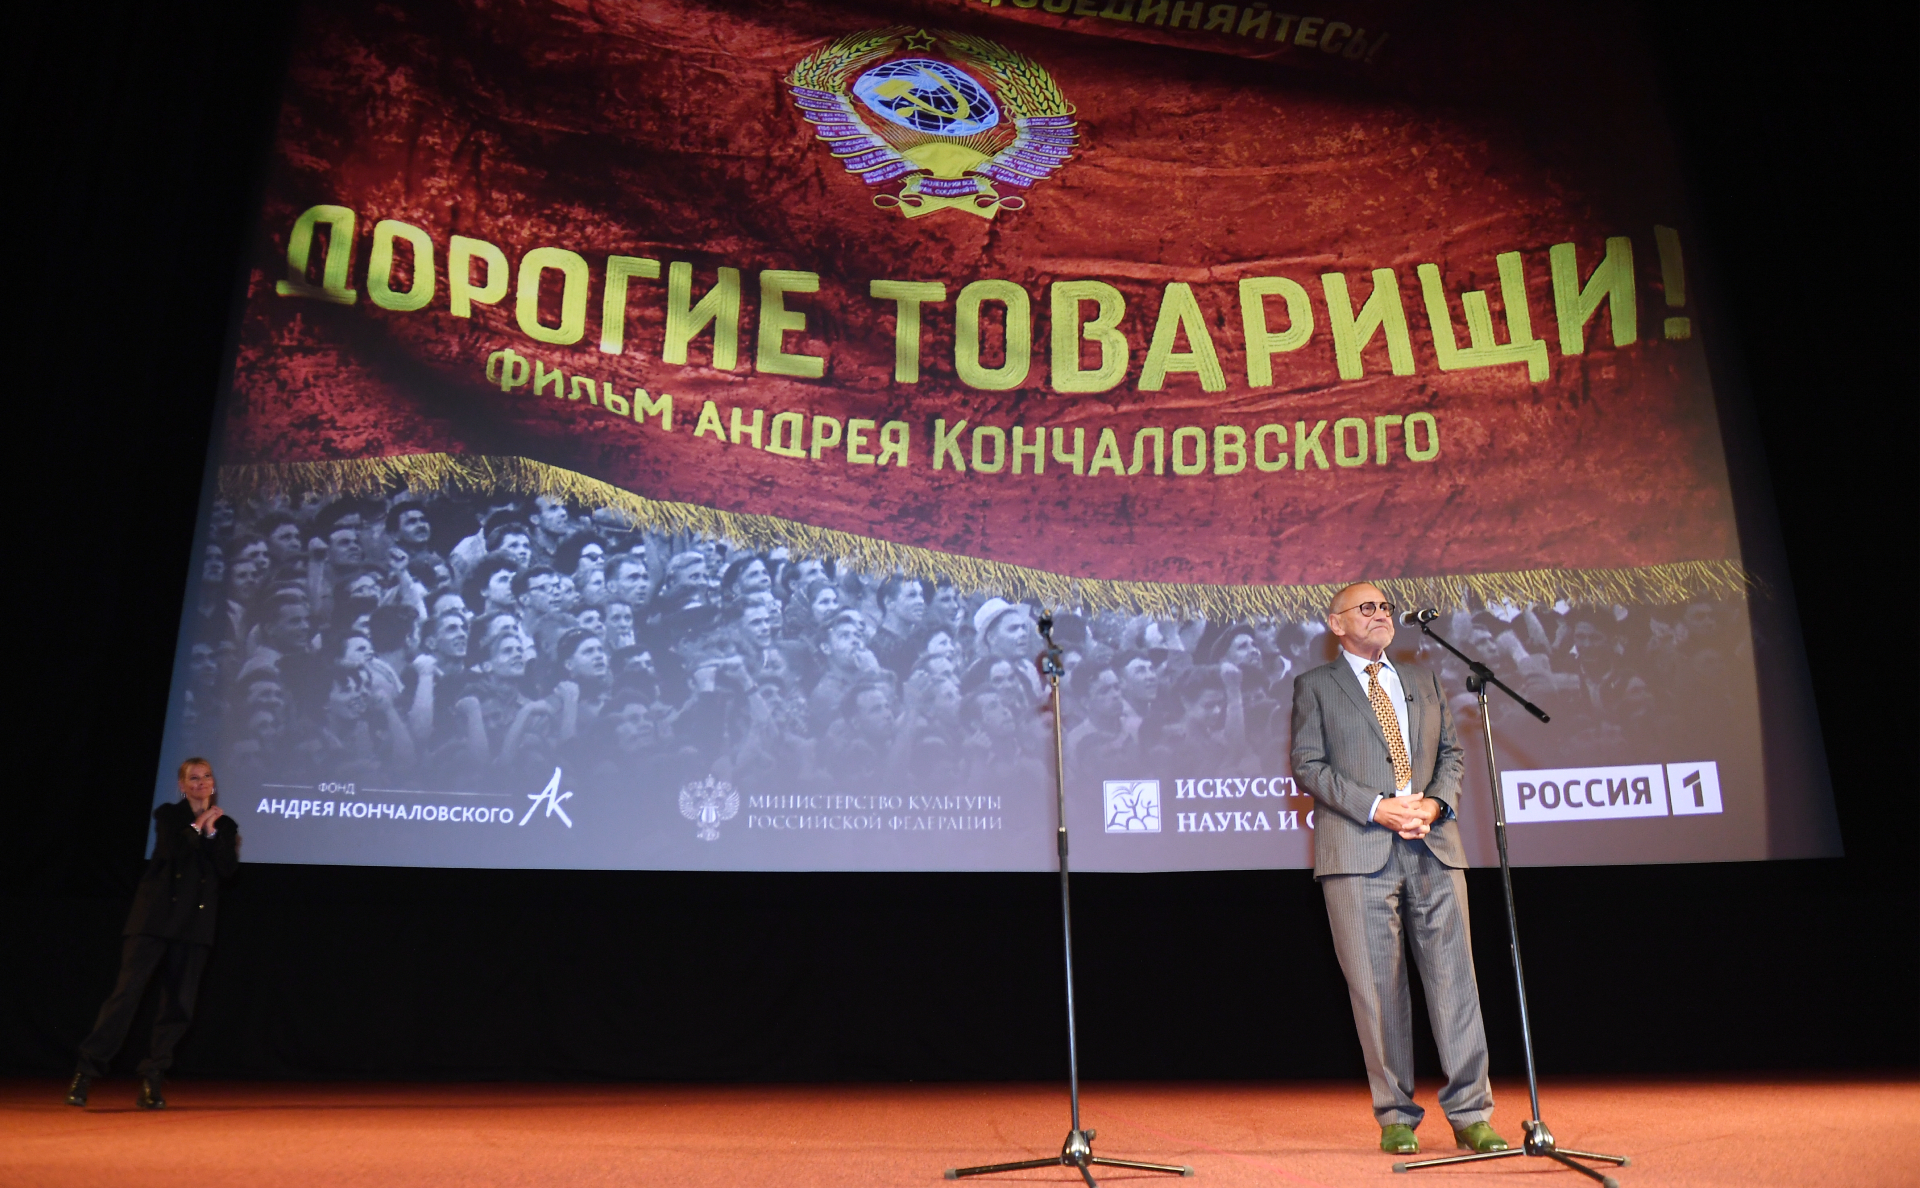 Фильм Кончаловского о Новочеркасске вошел в шорт-лист премии «Оскар»